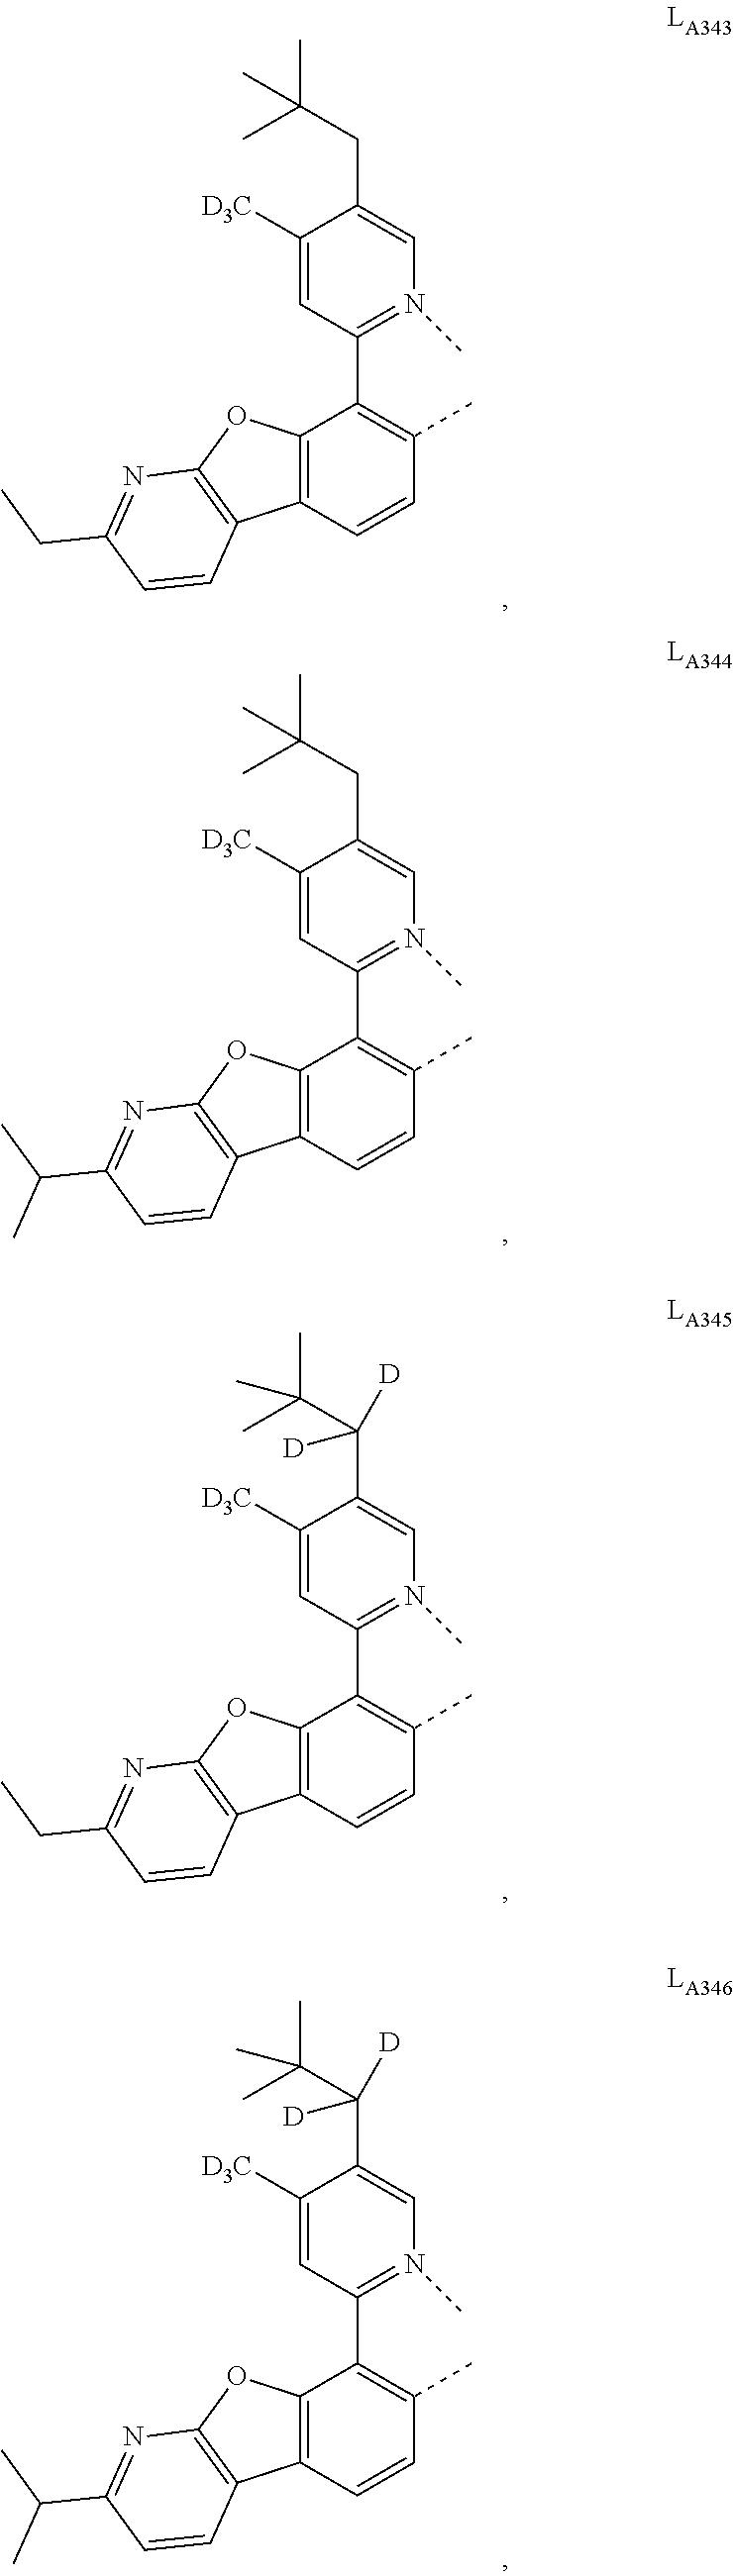 Figure US20160049599A1-20160218-C00474